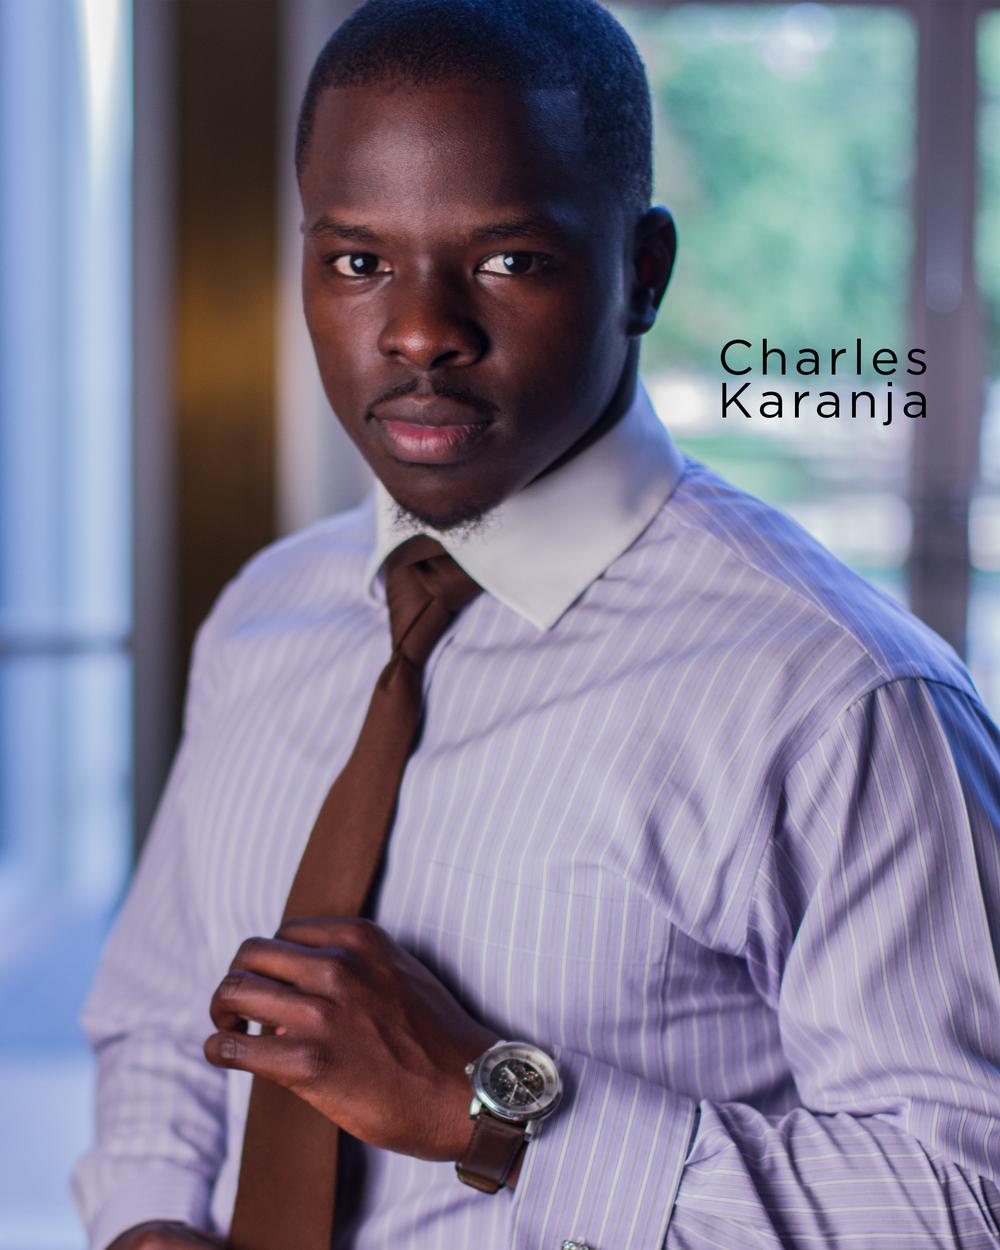 Charles Karanja - Headshot